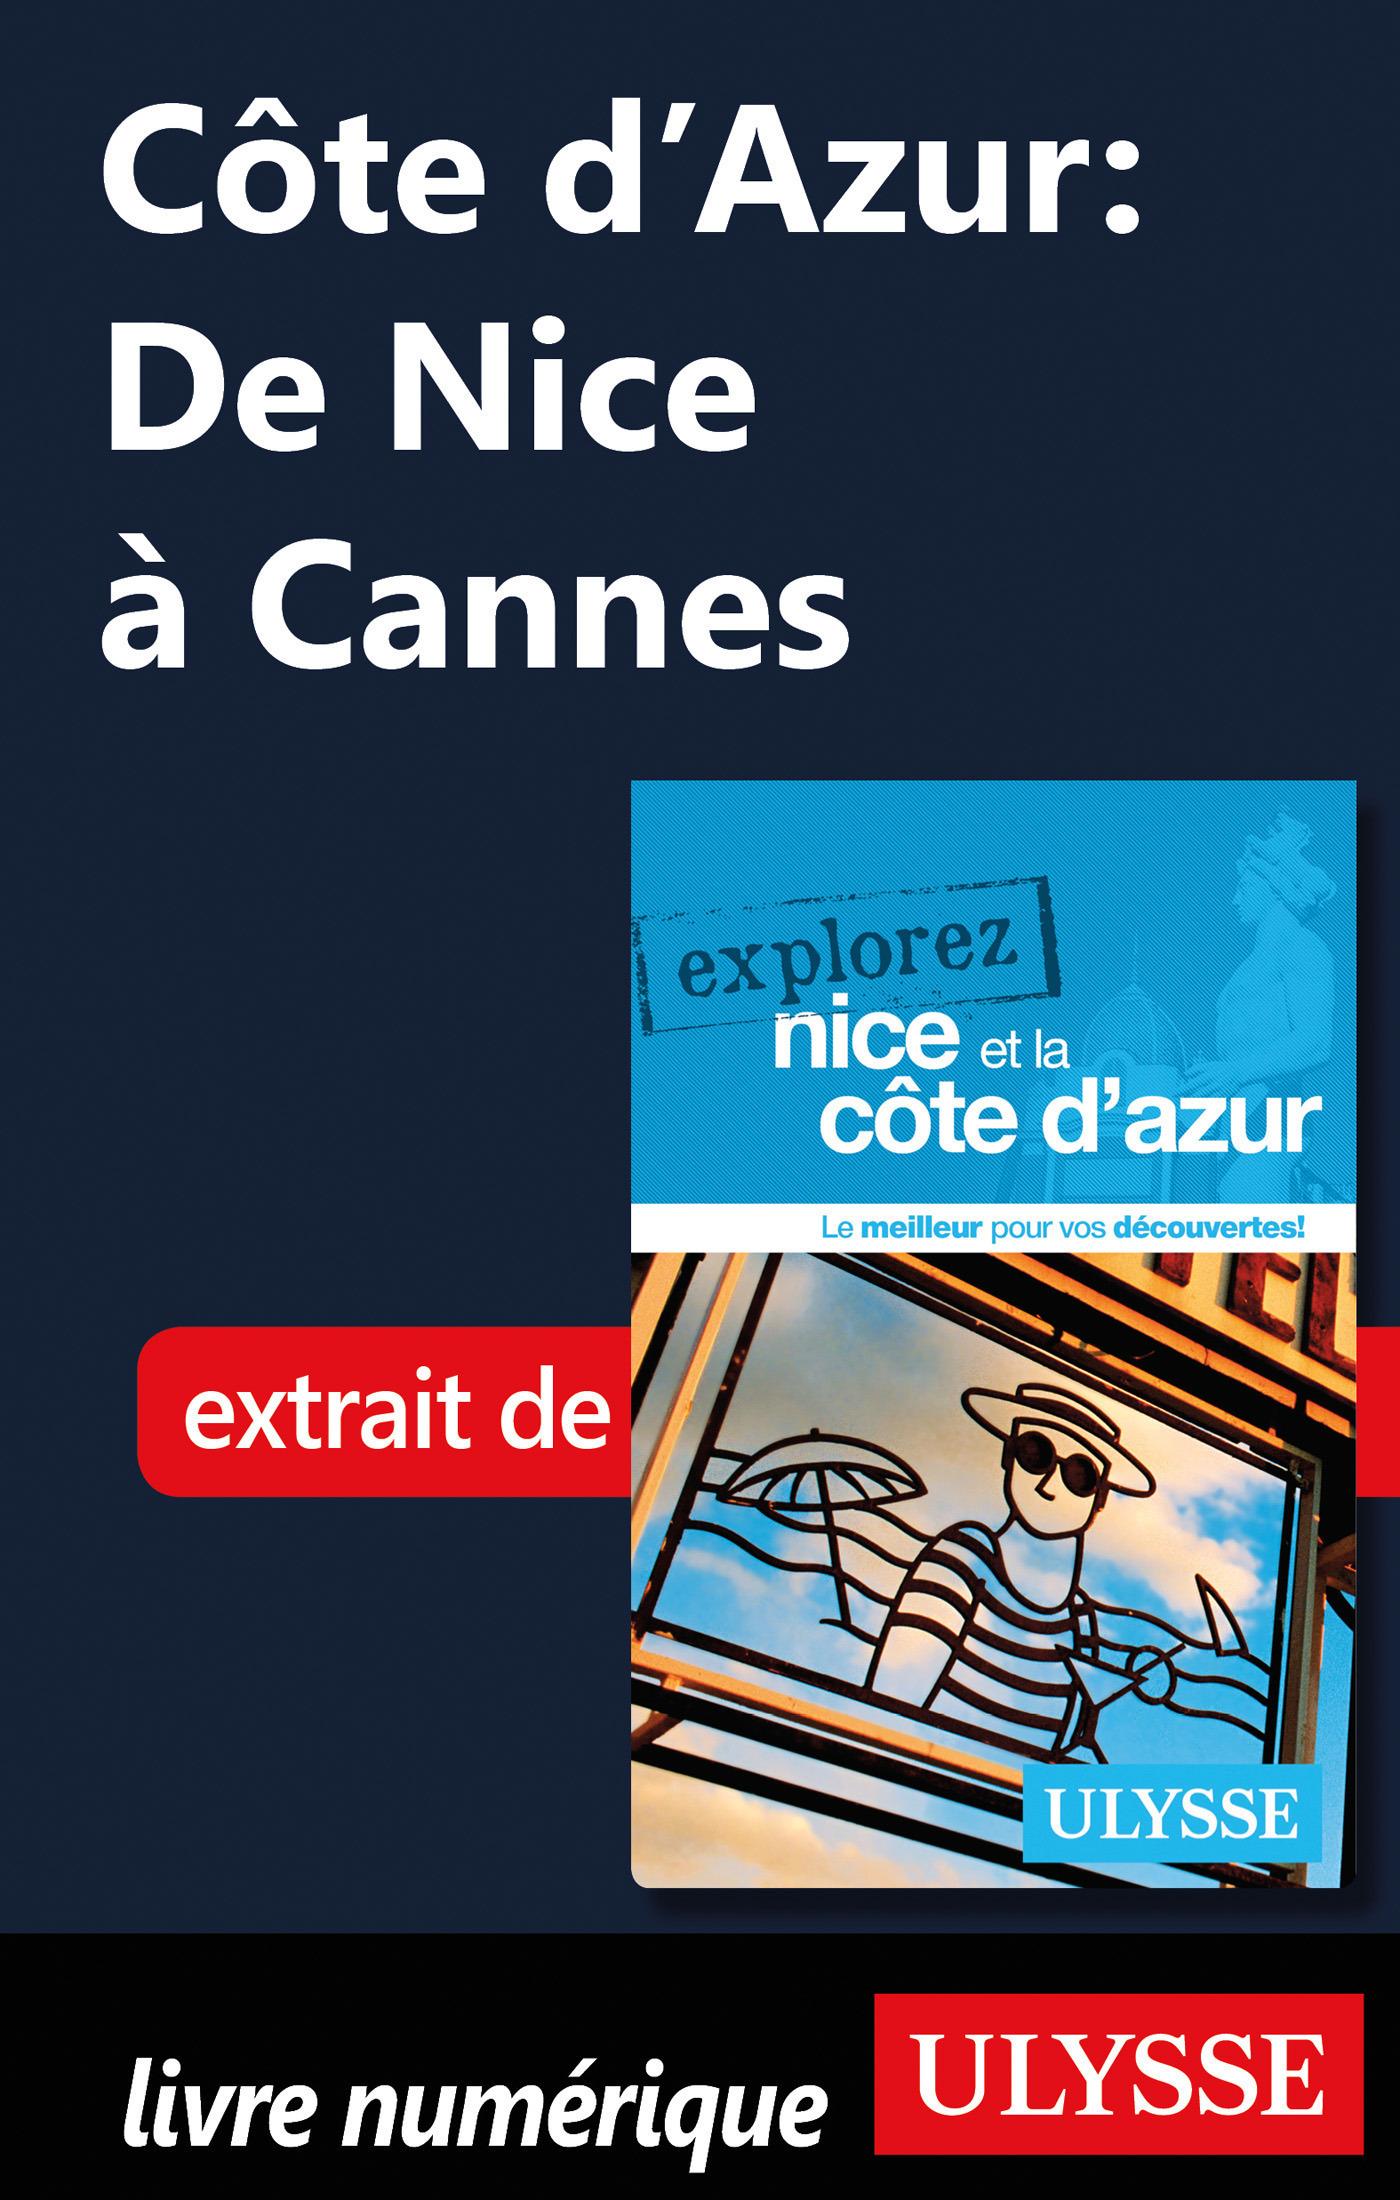 Côte d'Azur: De Nice à Cannes